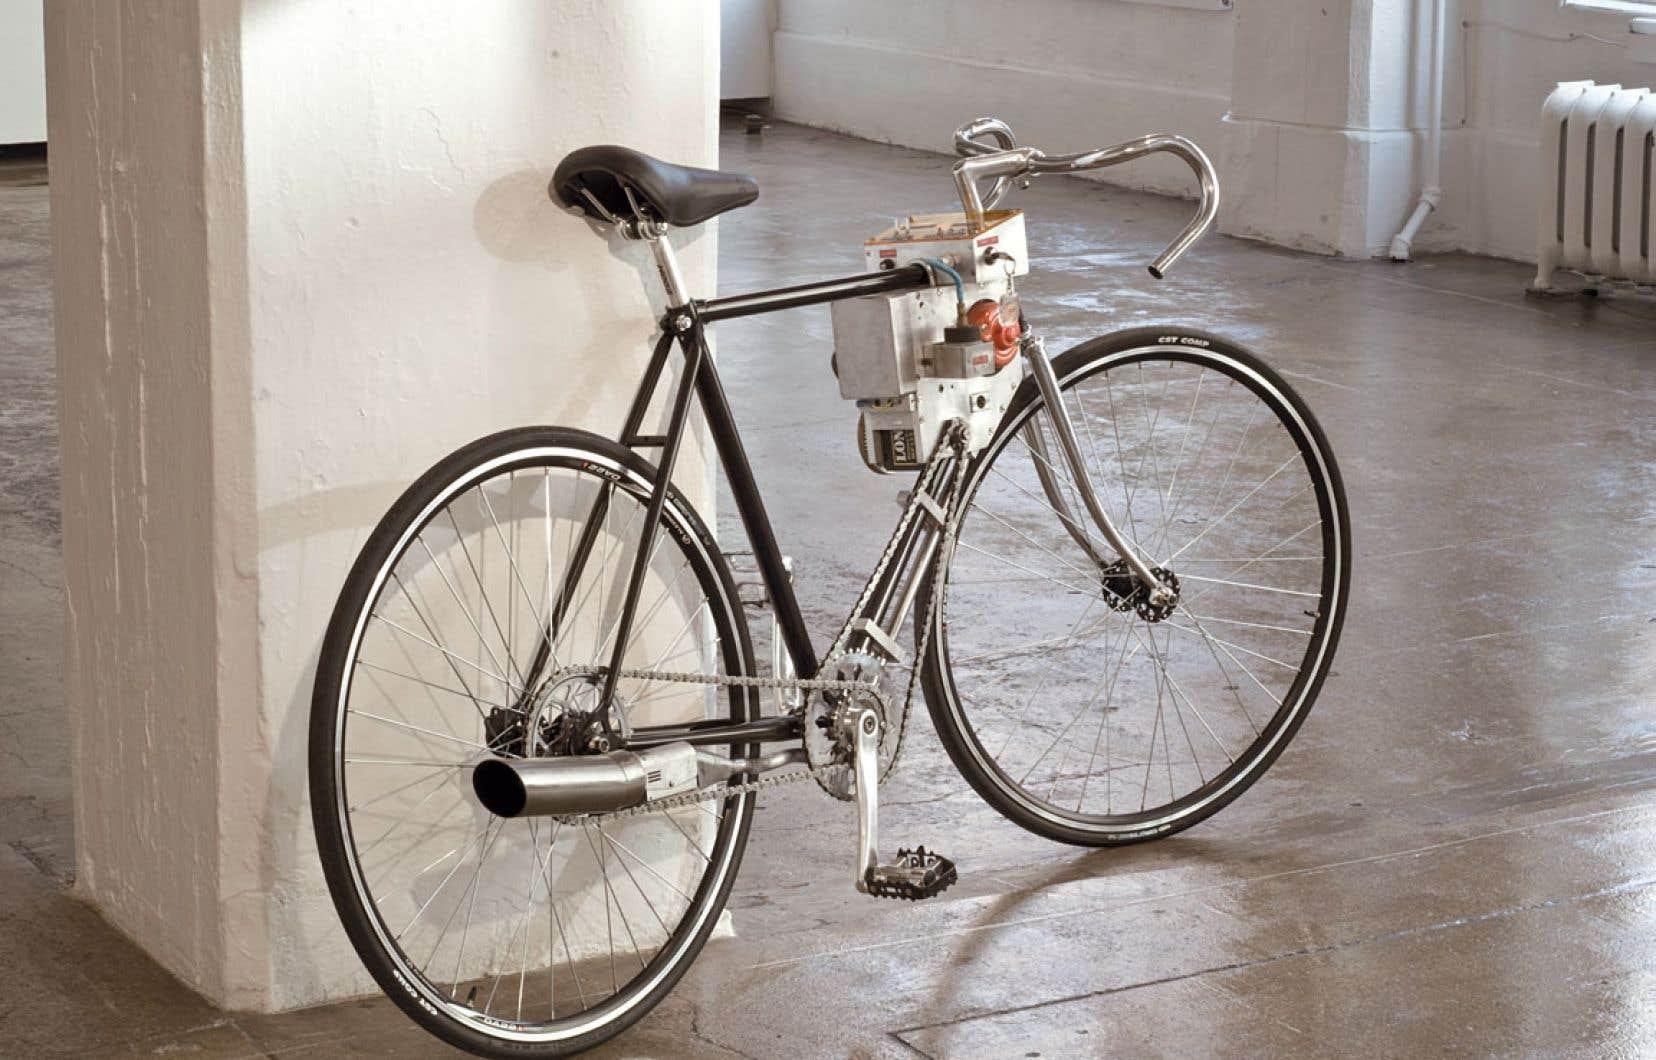 L'œuvre Keep On Smoking (2005-2010) de Michel de Broin a été réalisée avec une bicyclette, une génératrice, une pile, une jauge analogique et une machine à fumée. C'est une des œuvres emblématiques de l'artiste.